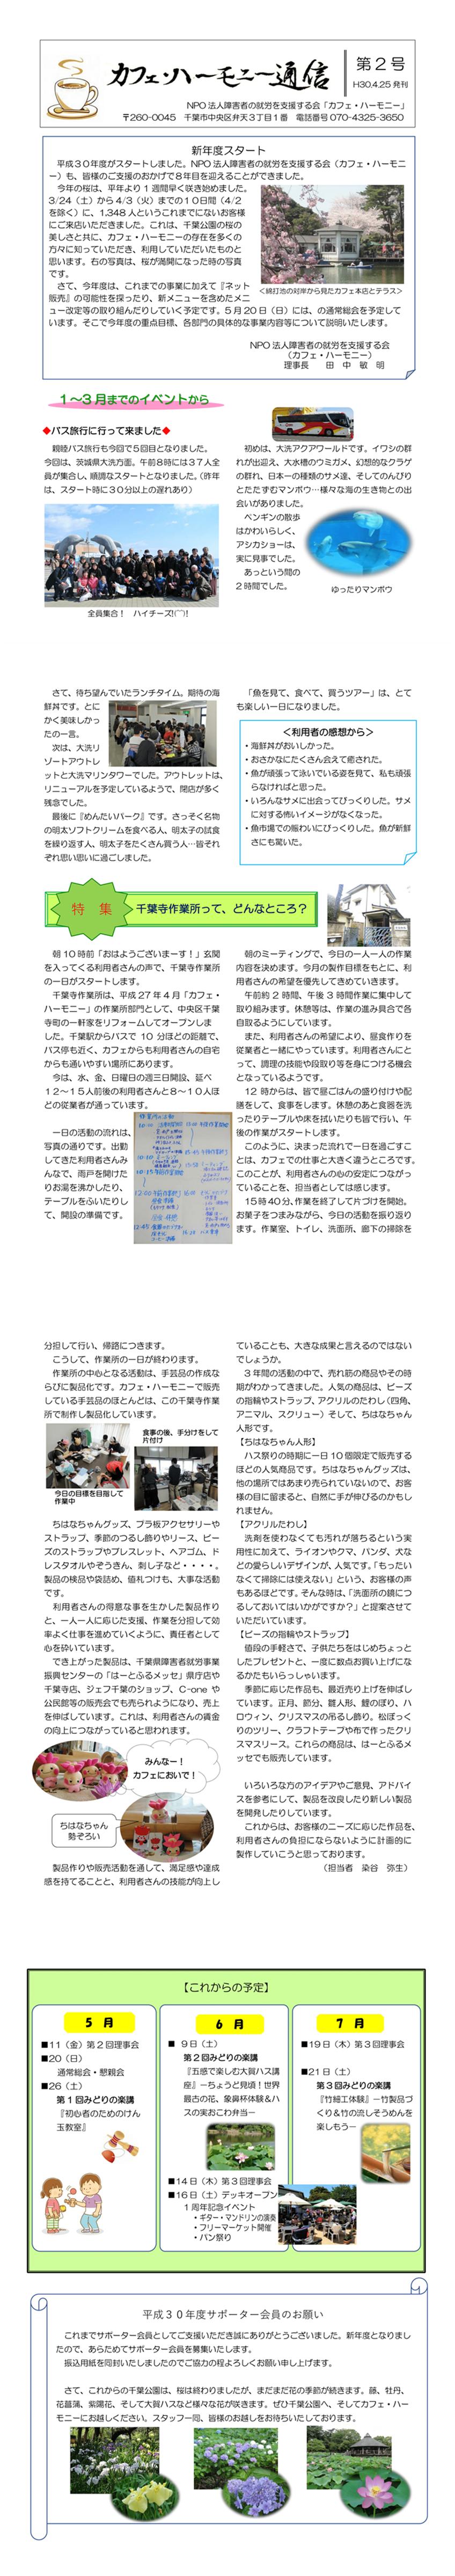 カフェ・ハーモニー通信 第2号